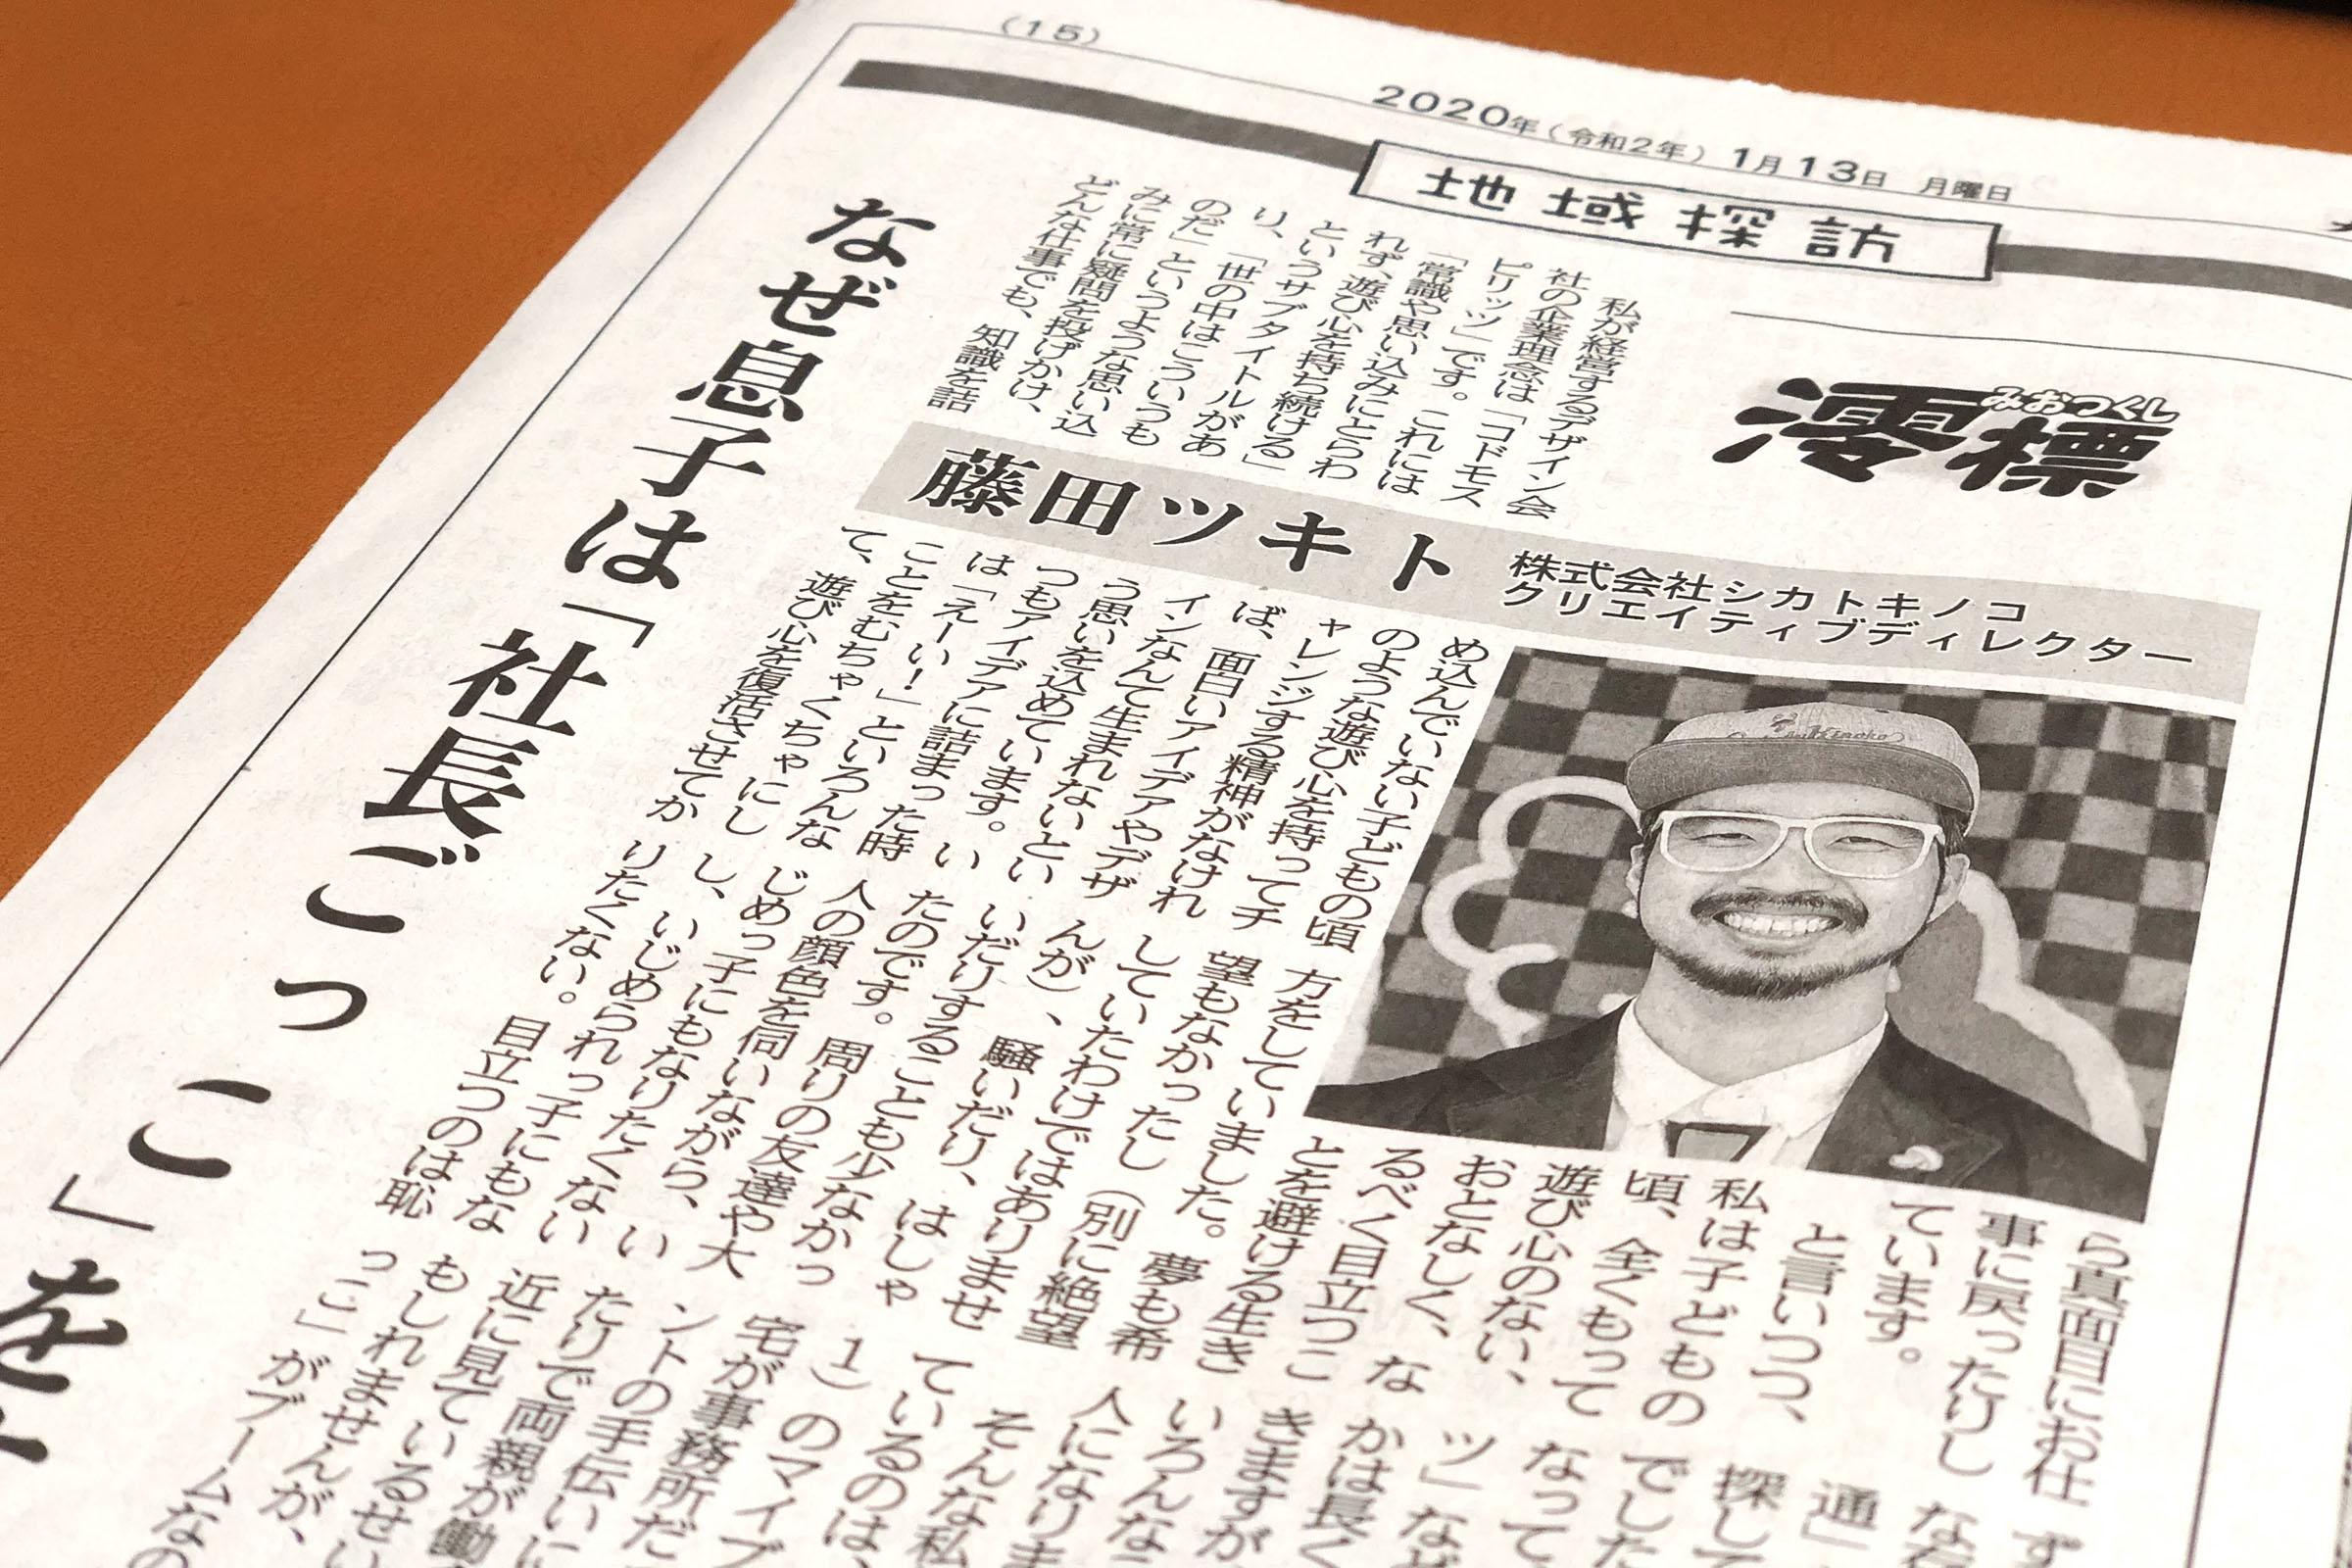 澪標コラム(3)息子はなぜ「社長ごっこ」をするのか 藤田ツキト